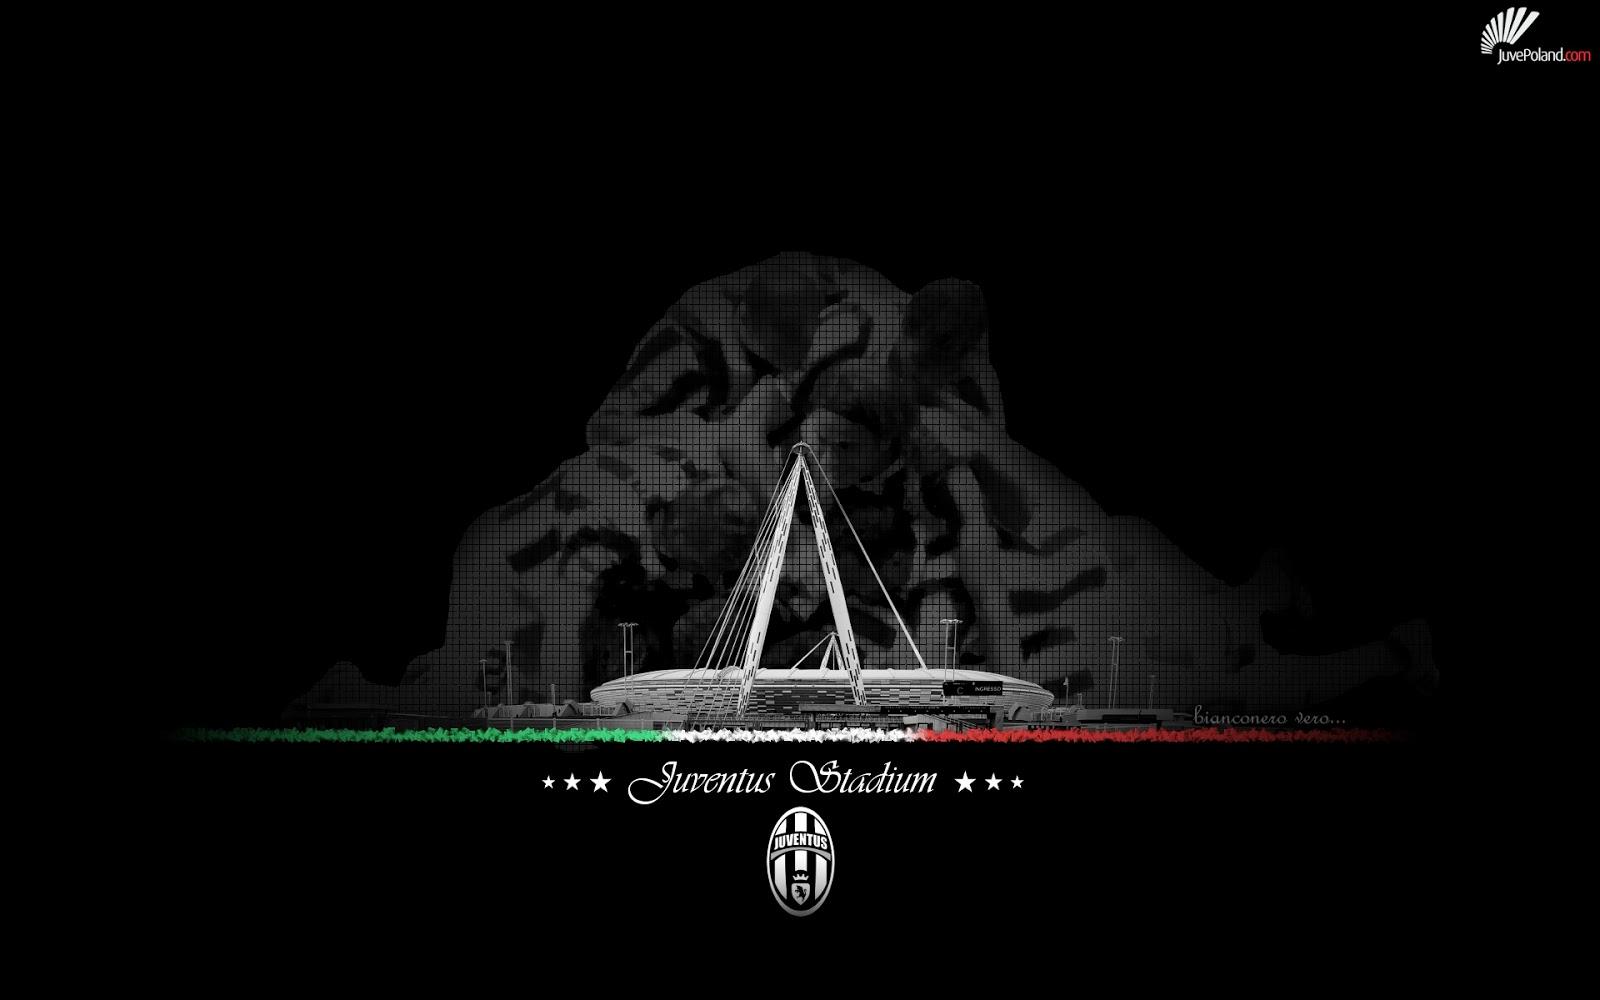 Juventus Blog Foto Hd Wallpaper Sfondi Juventus